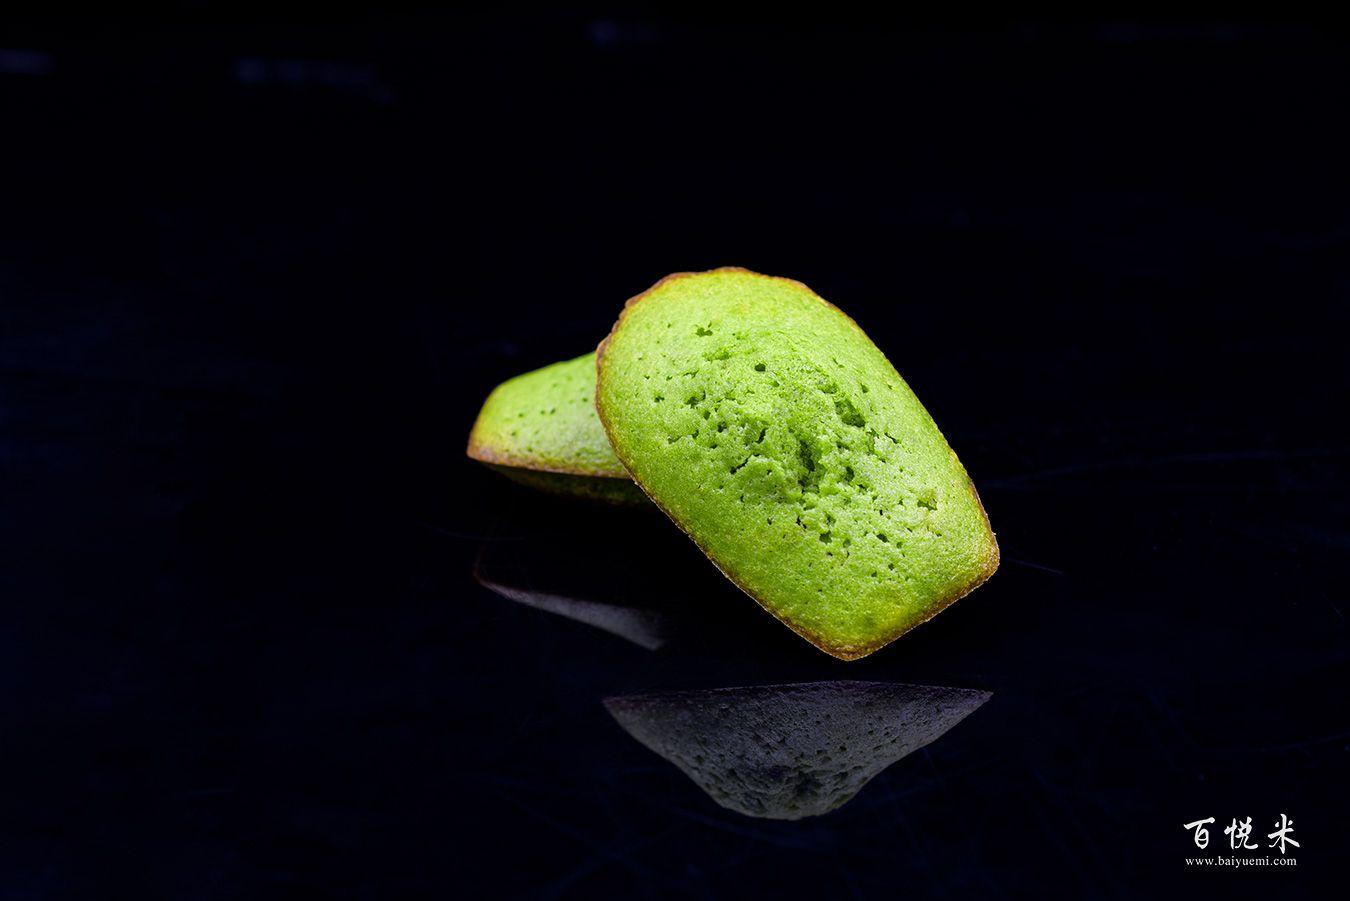 抹茶蔓越莓玛德琳高清图片大全【蛋糕图片】_366